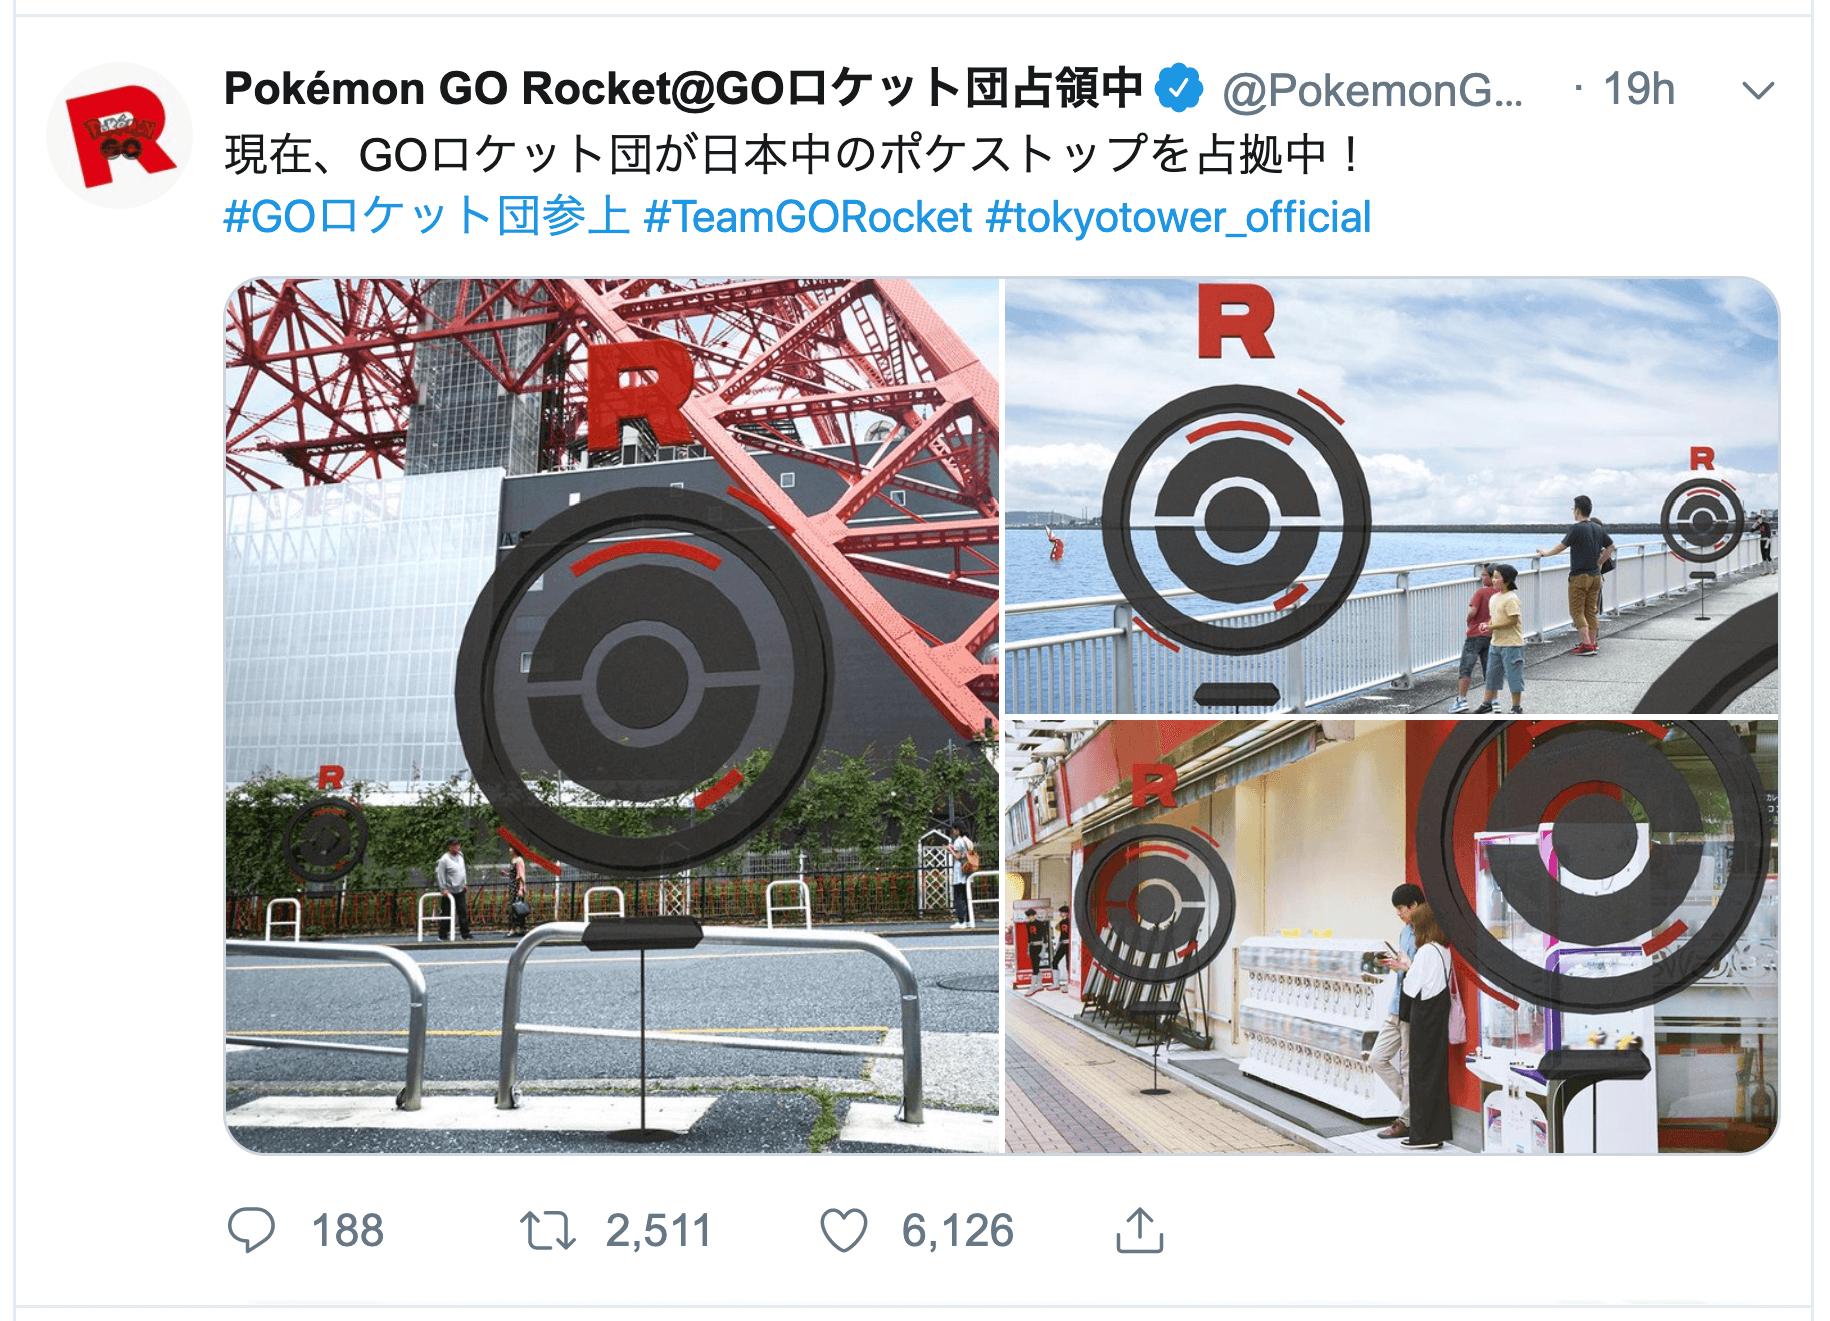 ポケストップ Pokémon GO ロケット団